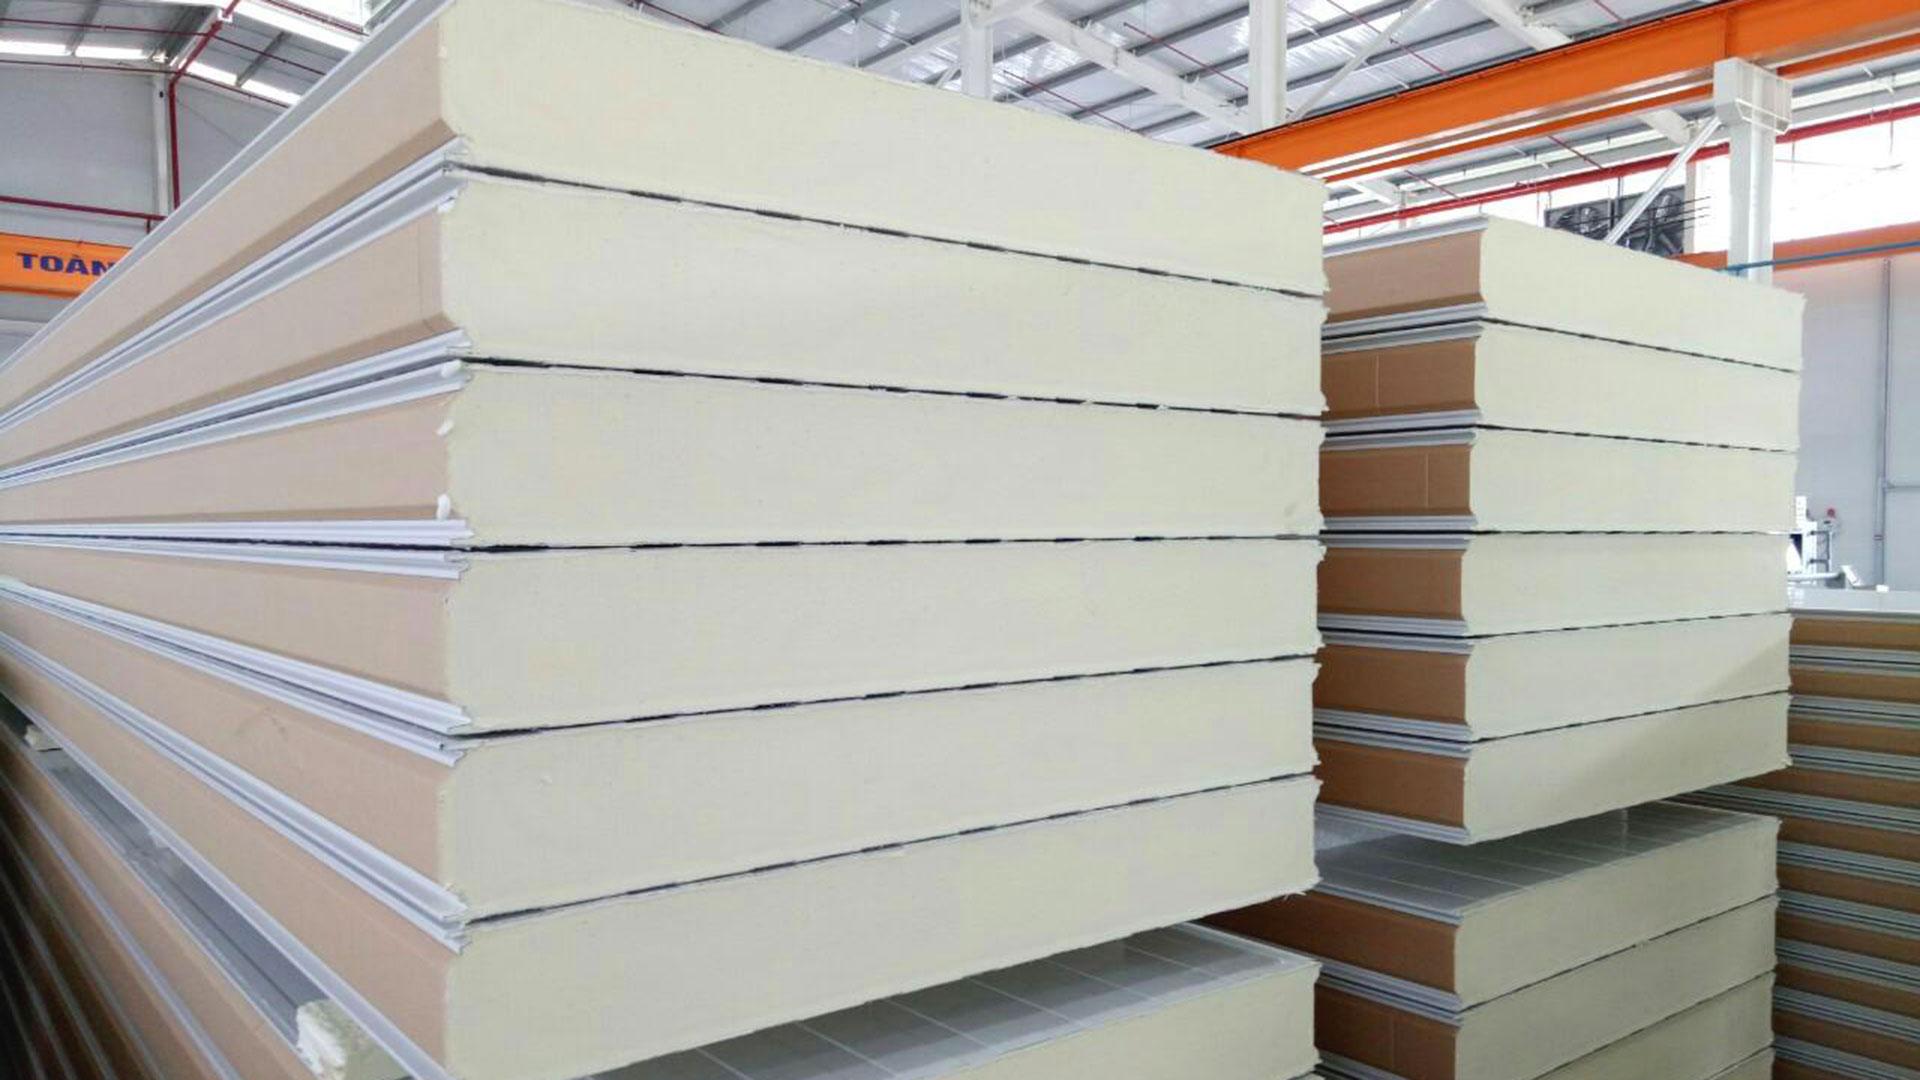 Panel Pisocy làm kho lạnh, kho đông cách nhiệt và giữ nhiệt hiệu quả